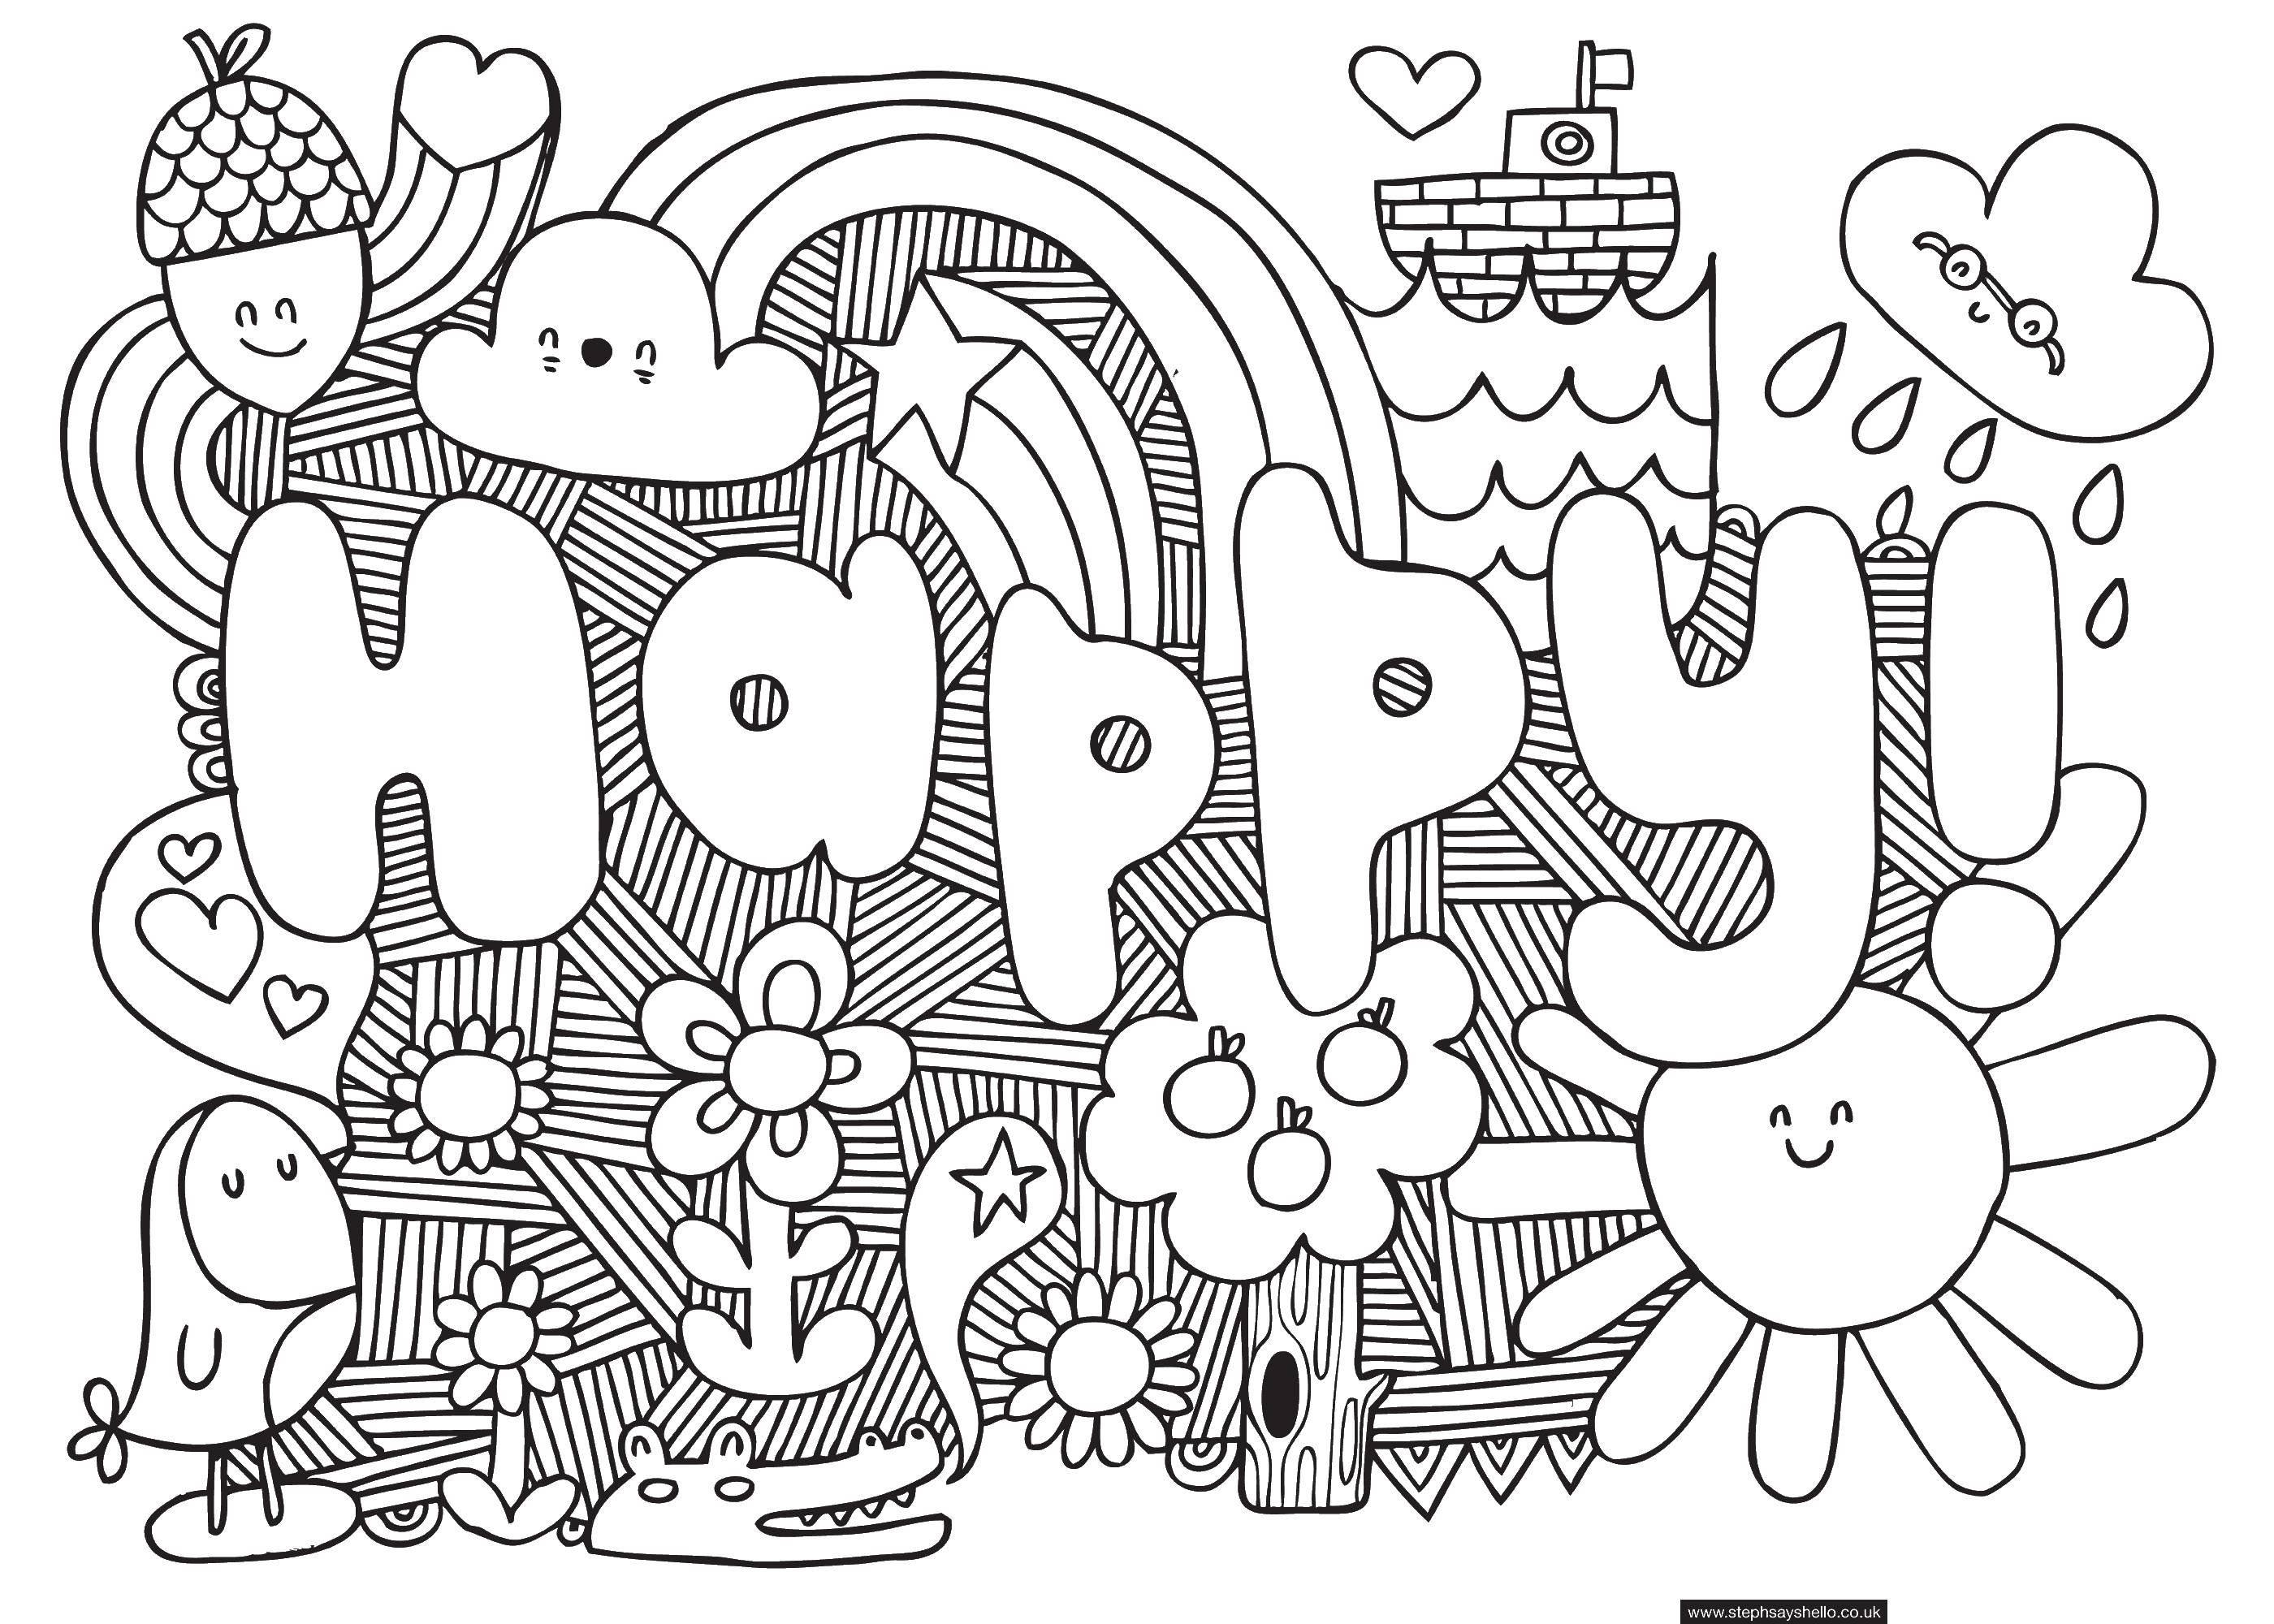 Раскраска Счастливый Скачать счастливый, слова.  Распечатать ,английские слова,